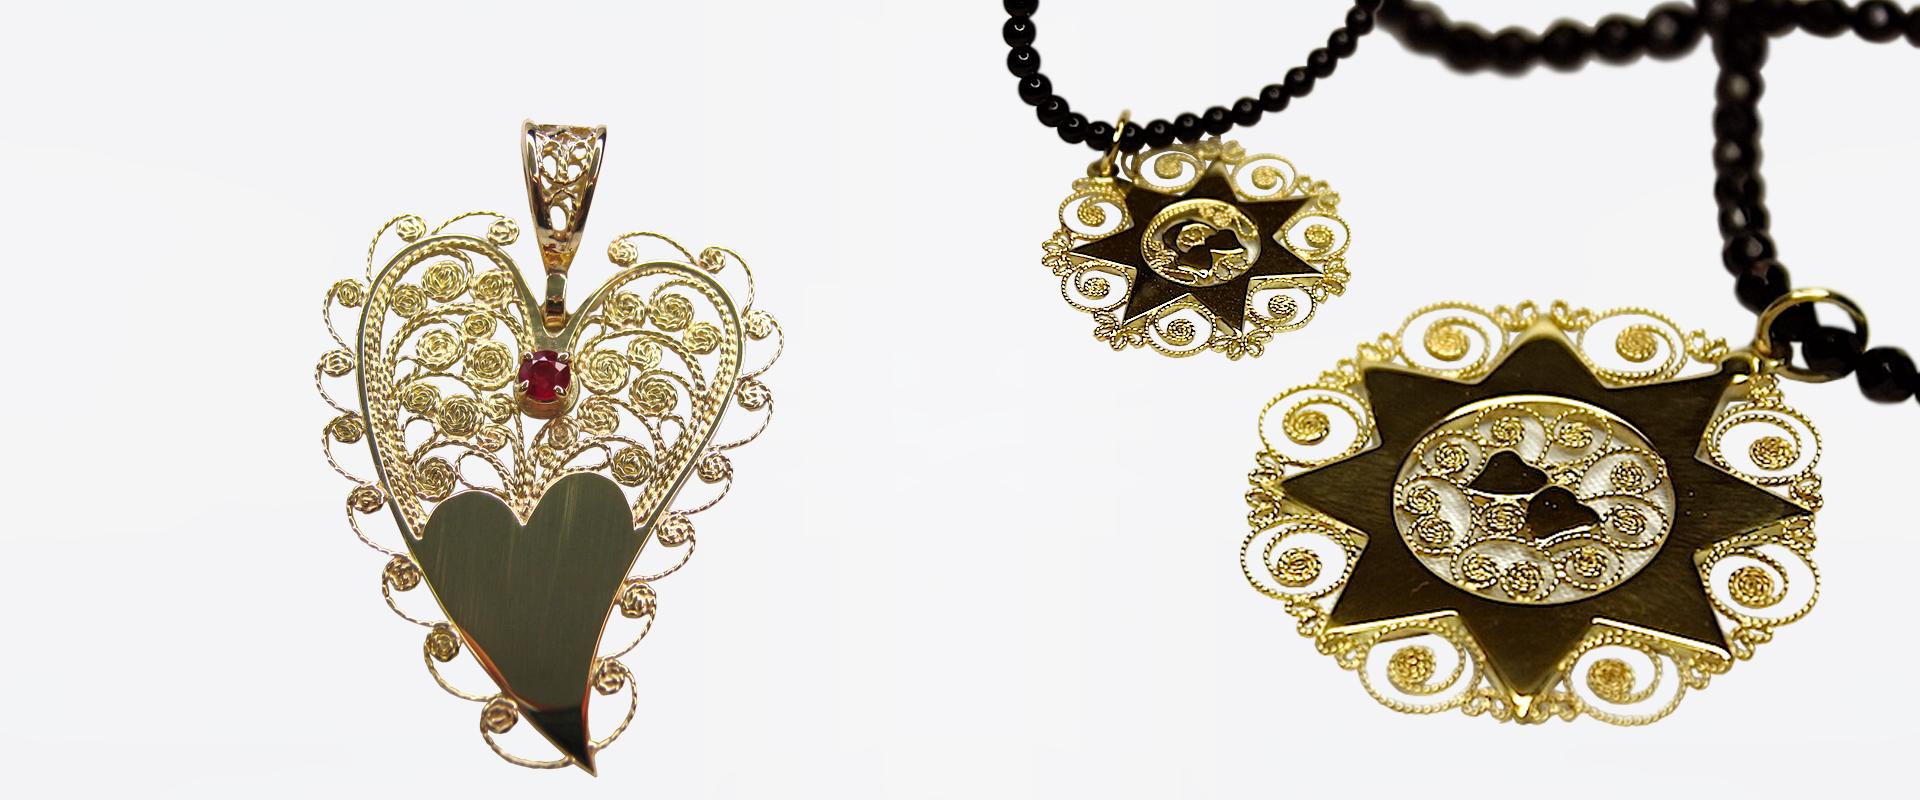 Formeoro designer di gioielli artigianali laboratorio for Designer di gioielli